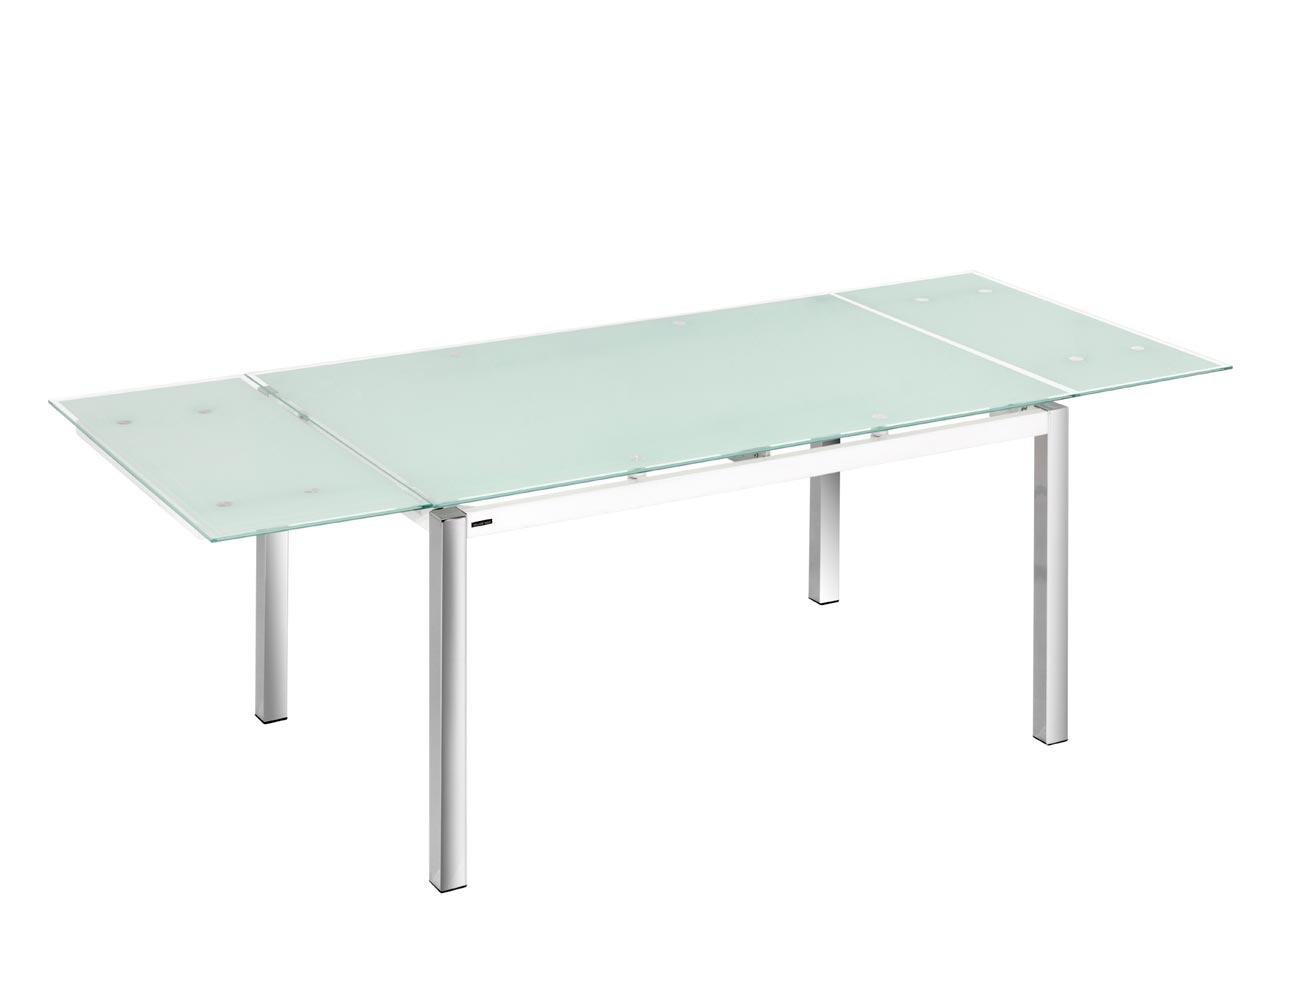 Mesa cocina cristal templado blanco extensible 207